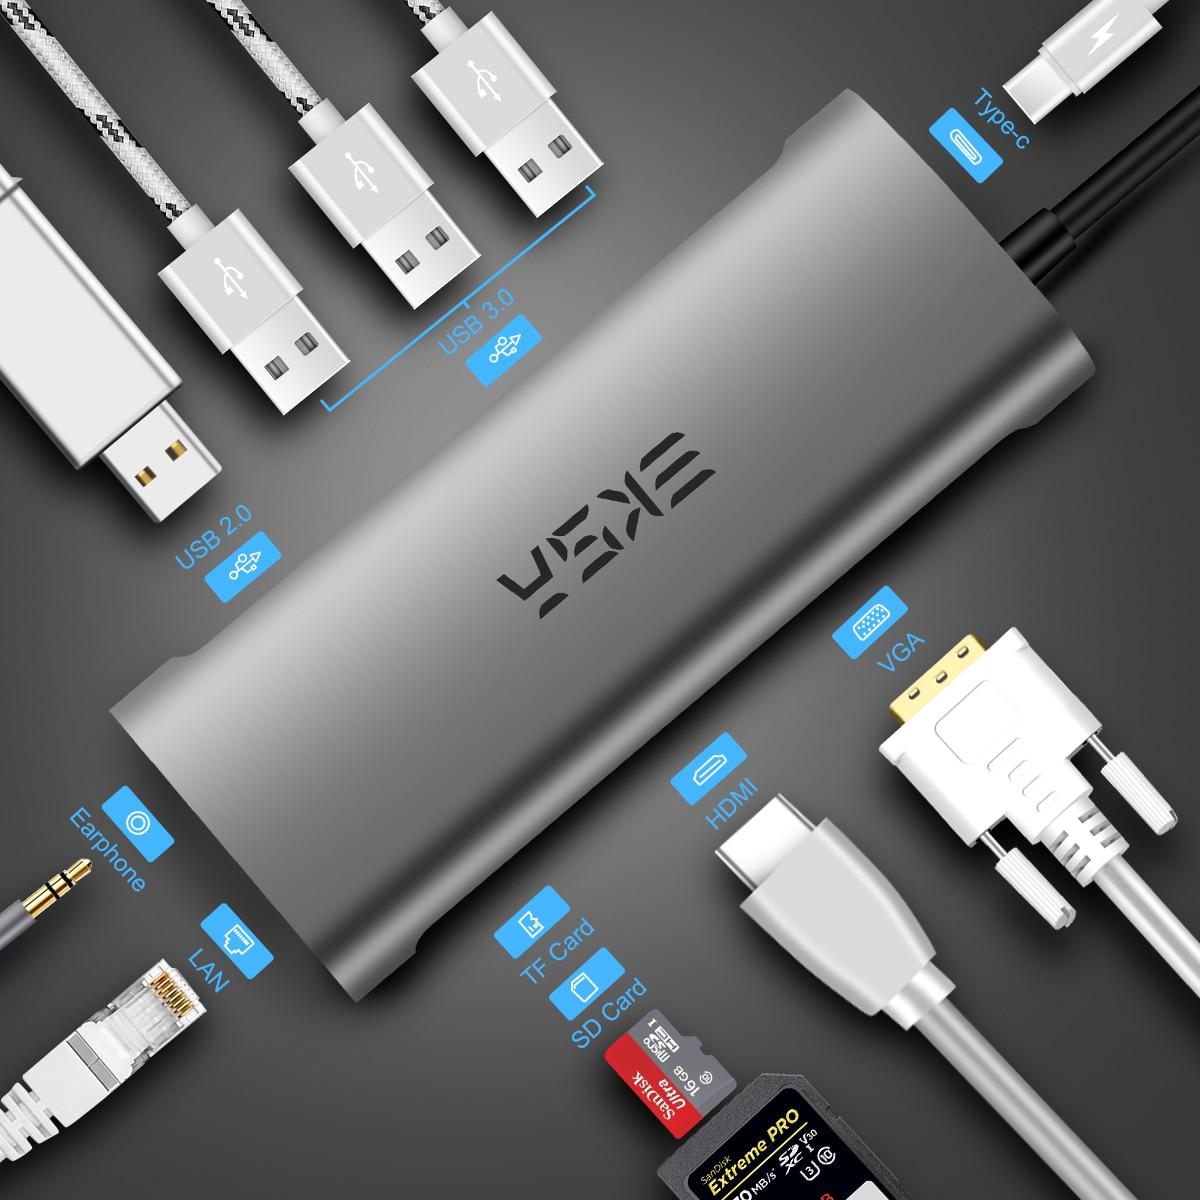 EKSA USB HUB C HUB to USB 3 0 2 0 RJ45 VGA HDMI Adapter Dock